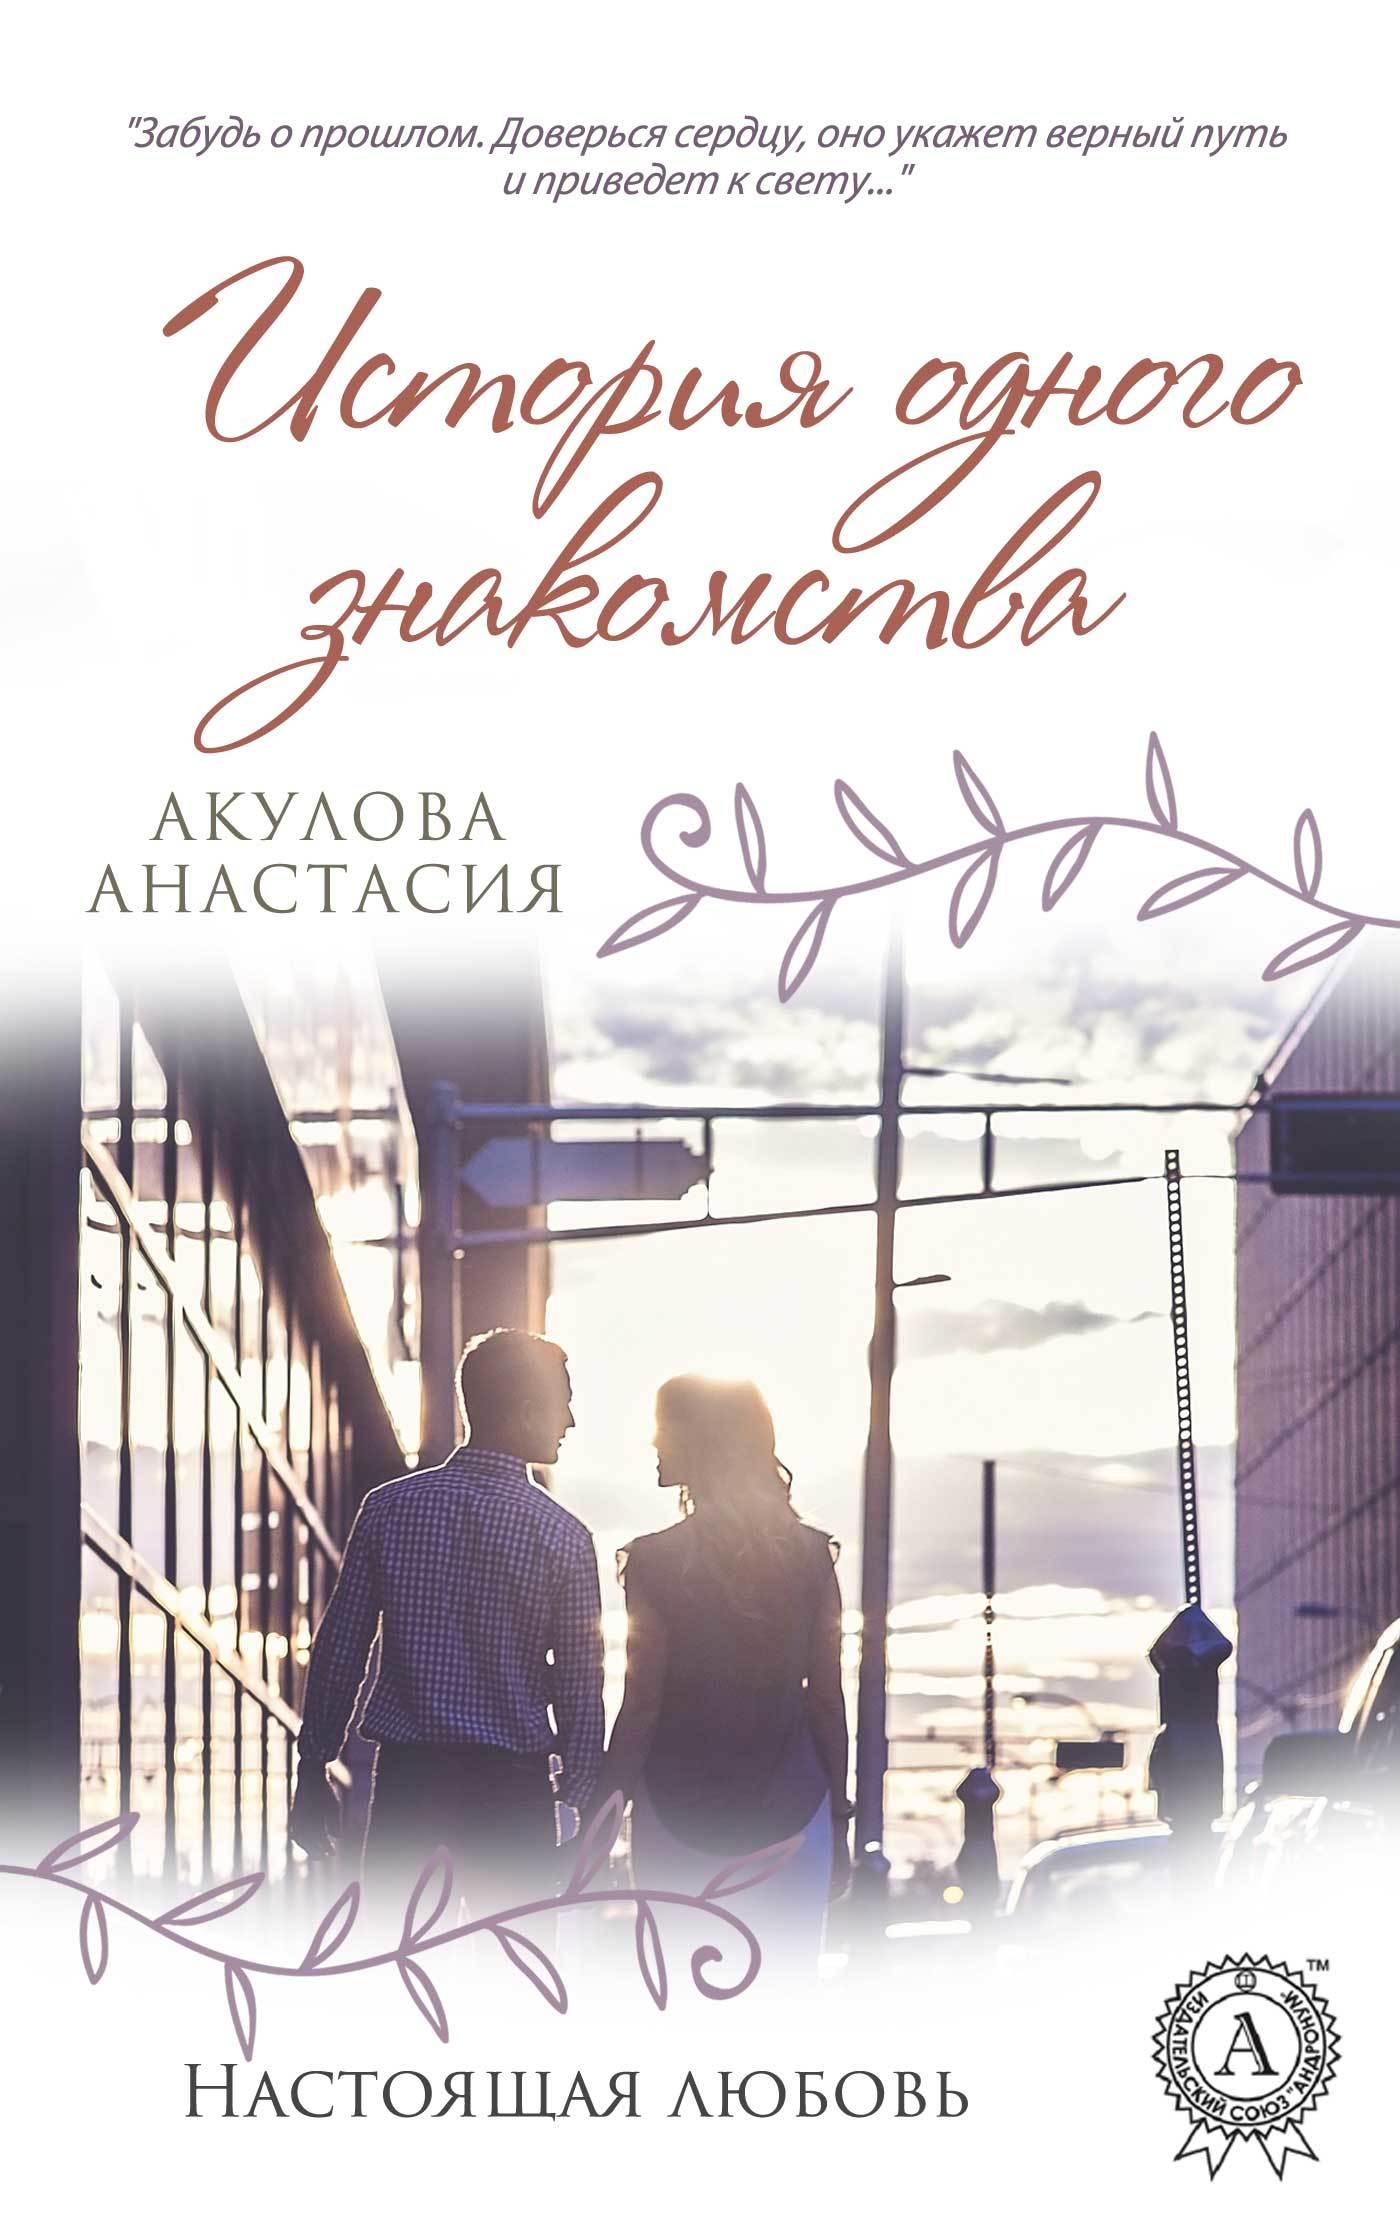 Анастасия Акулова История одного знакомства анастасия акулова новый мир встречает по одёжке